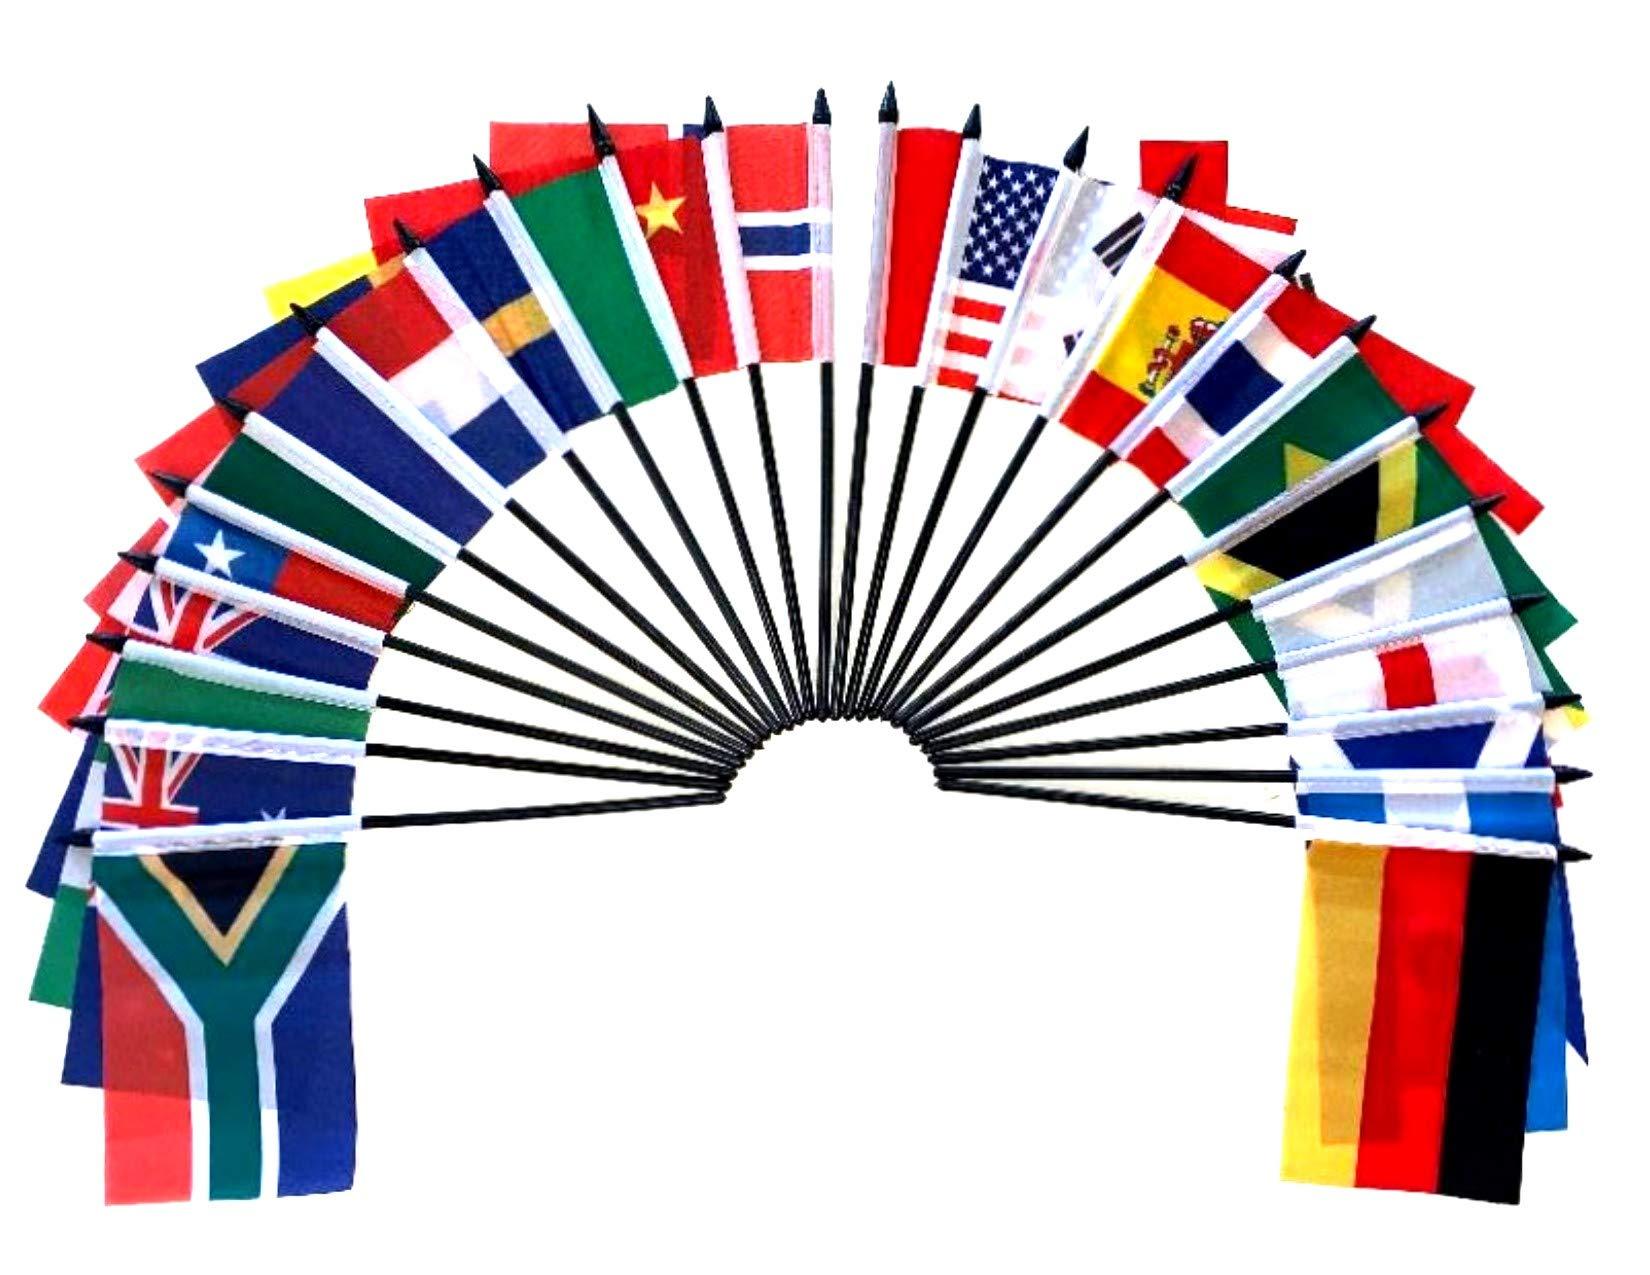 World Cup 2018 Fútbol banderas 2018- Juego de 32 poliéster 4